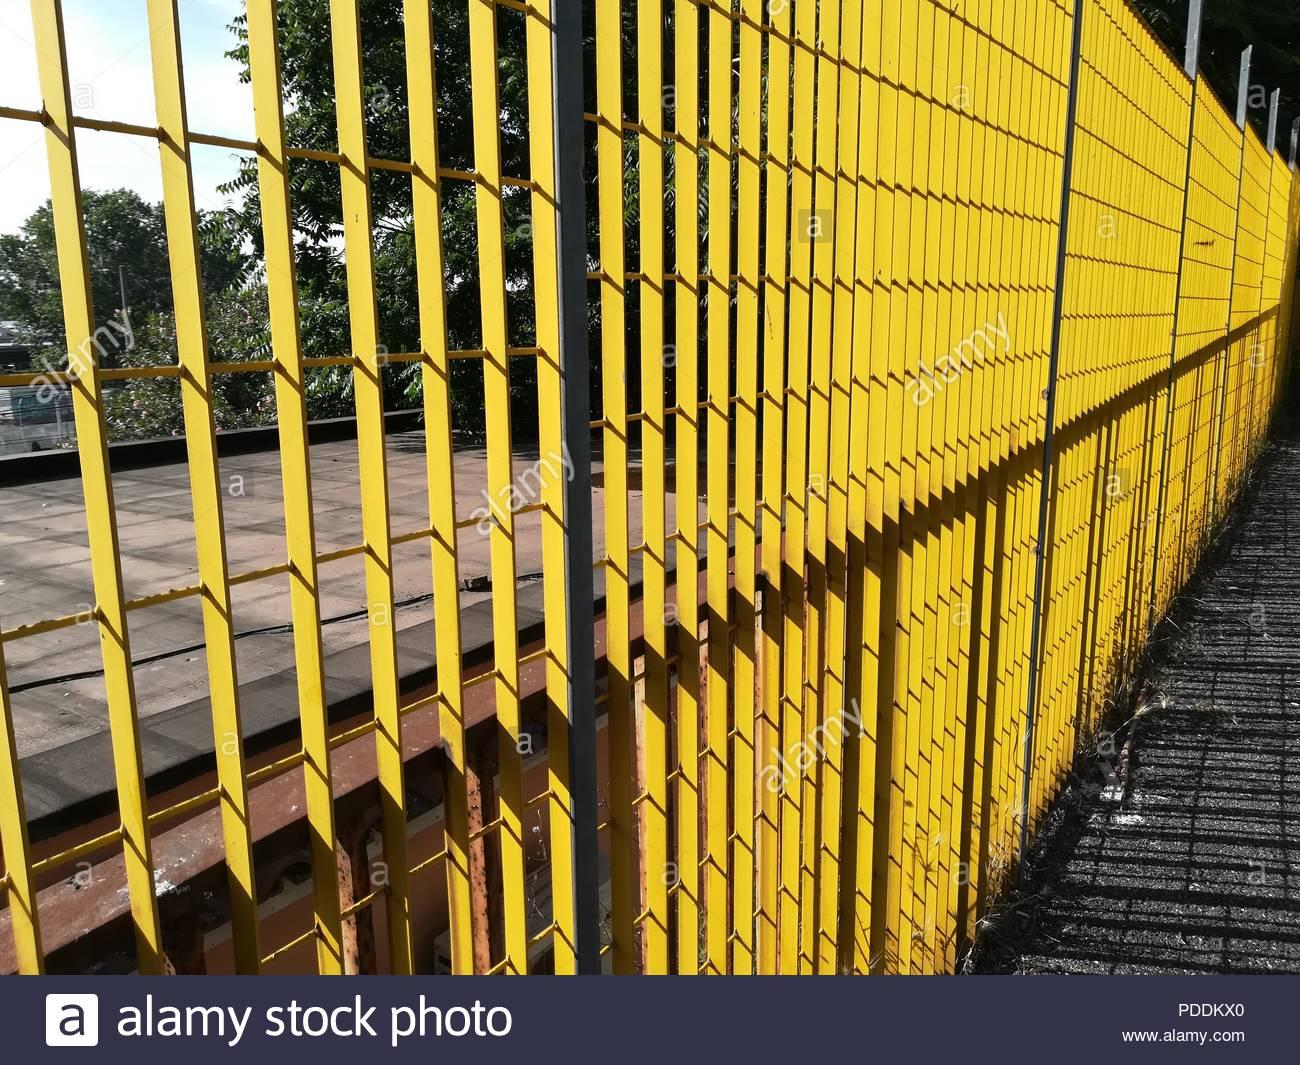 Boundary Wall Railing Stock Photos & Boundary Wall Railing Stock ...